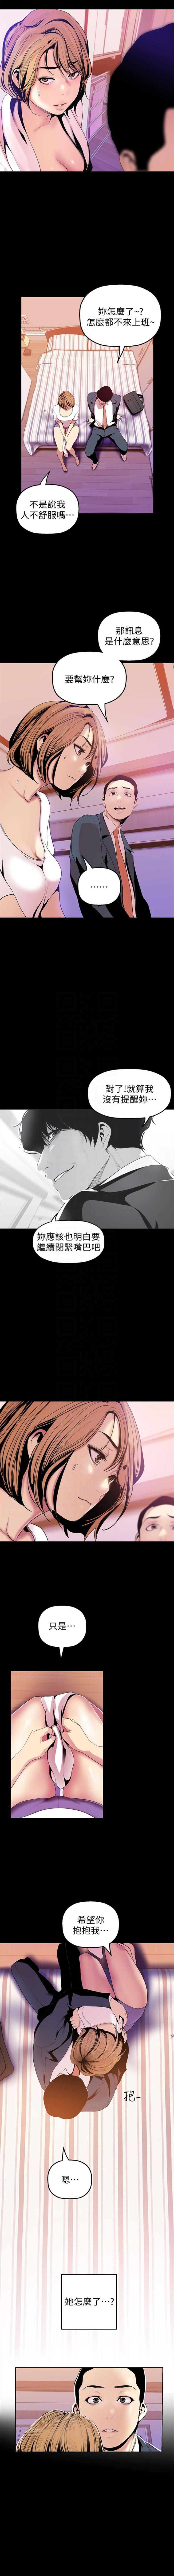 (週1)美麗新世界 1-76 中文翻譯 (更新中) 327